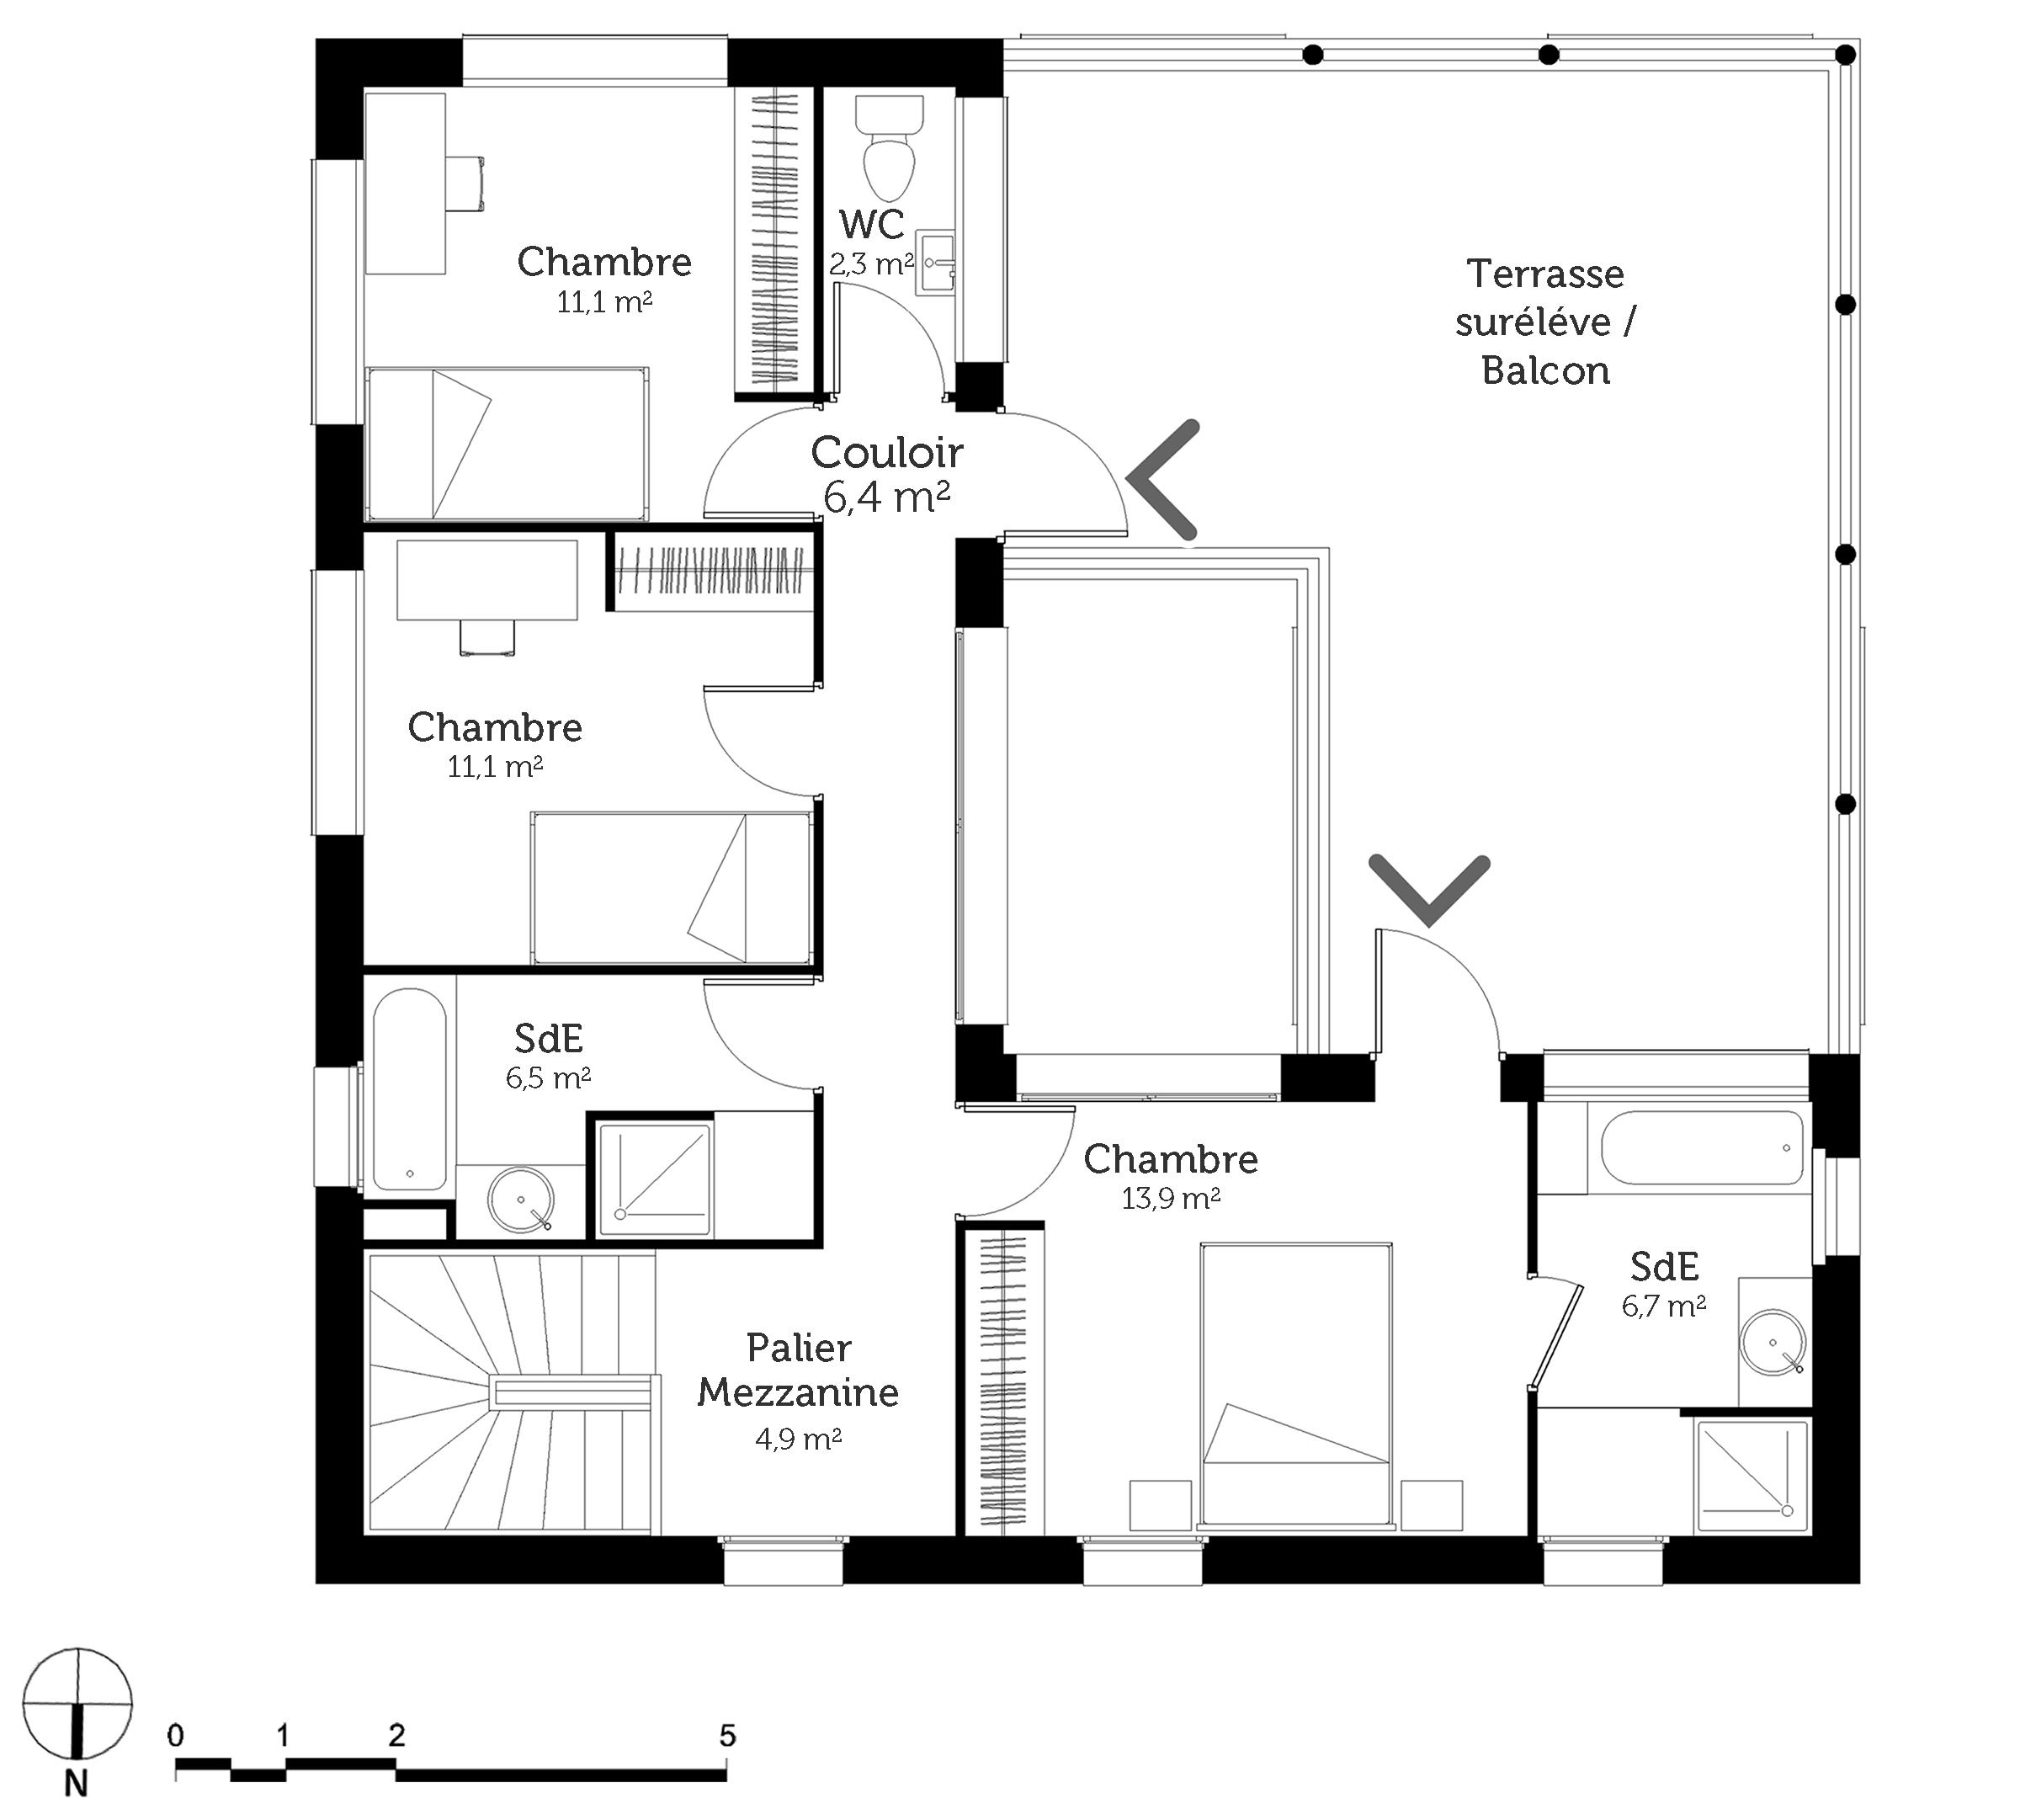 Plan maison carree 4 chambres - Plan maison avec tour carree ...